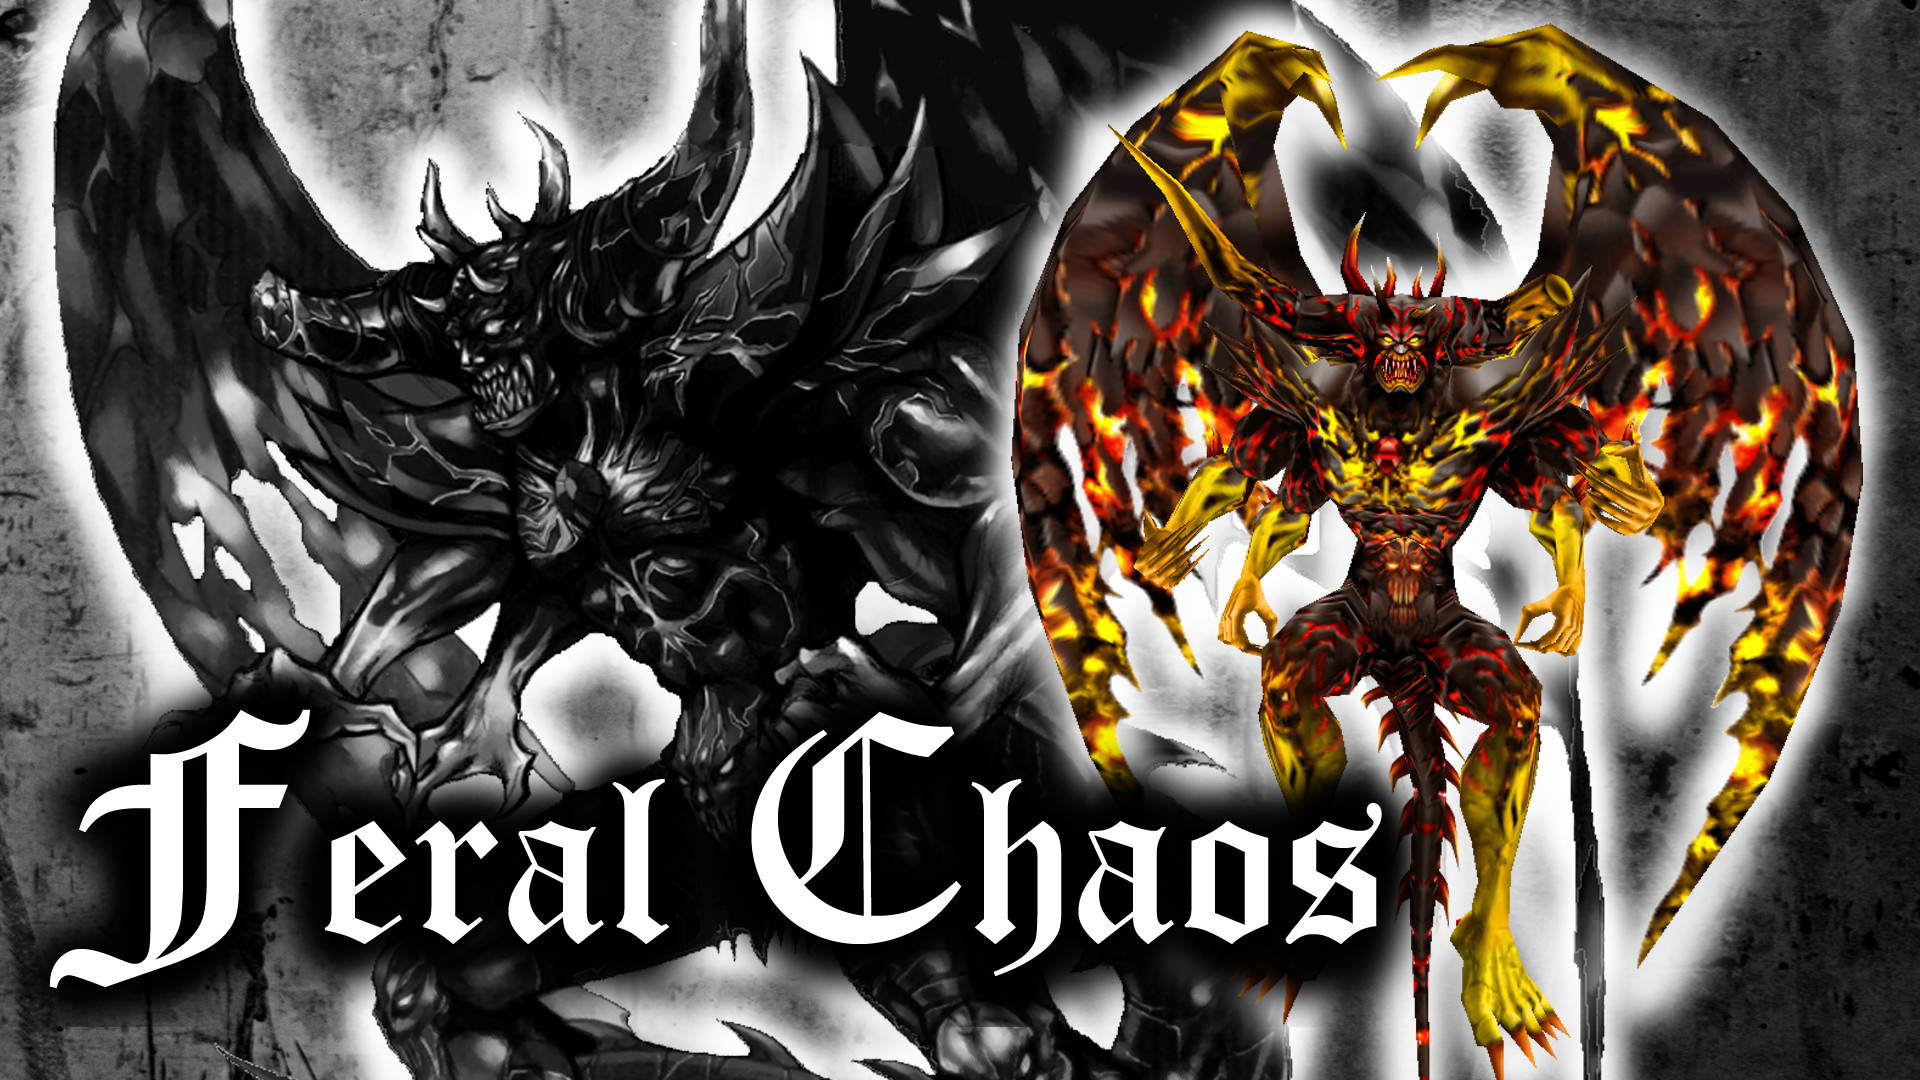 … Final Fantasy – Feral Chaos Wallpaper (Version 1) by RaileysXerilyas